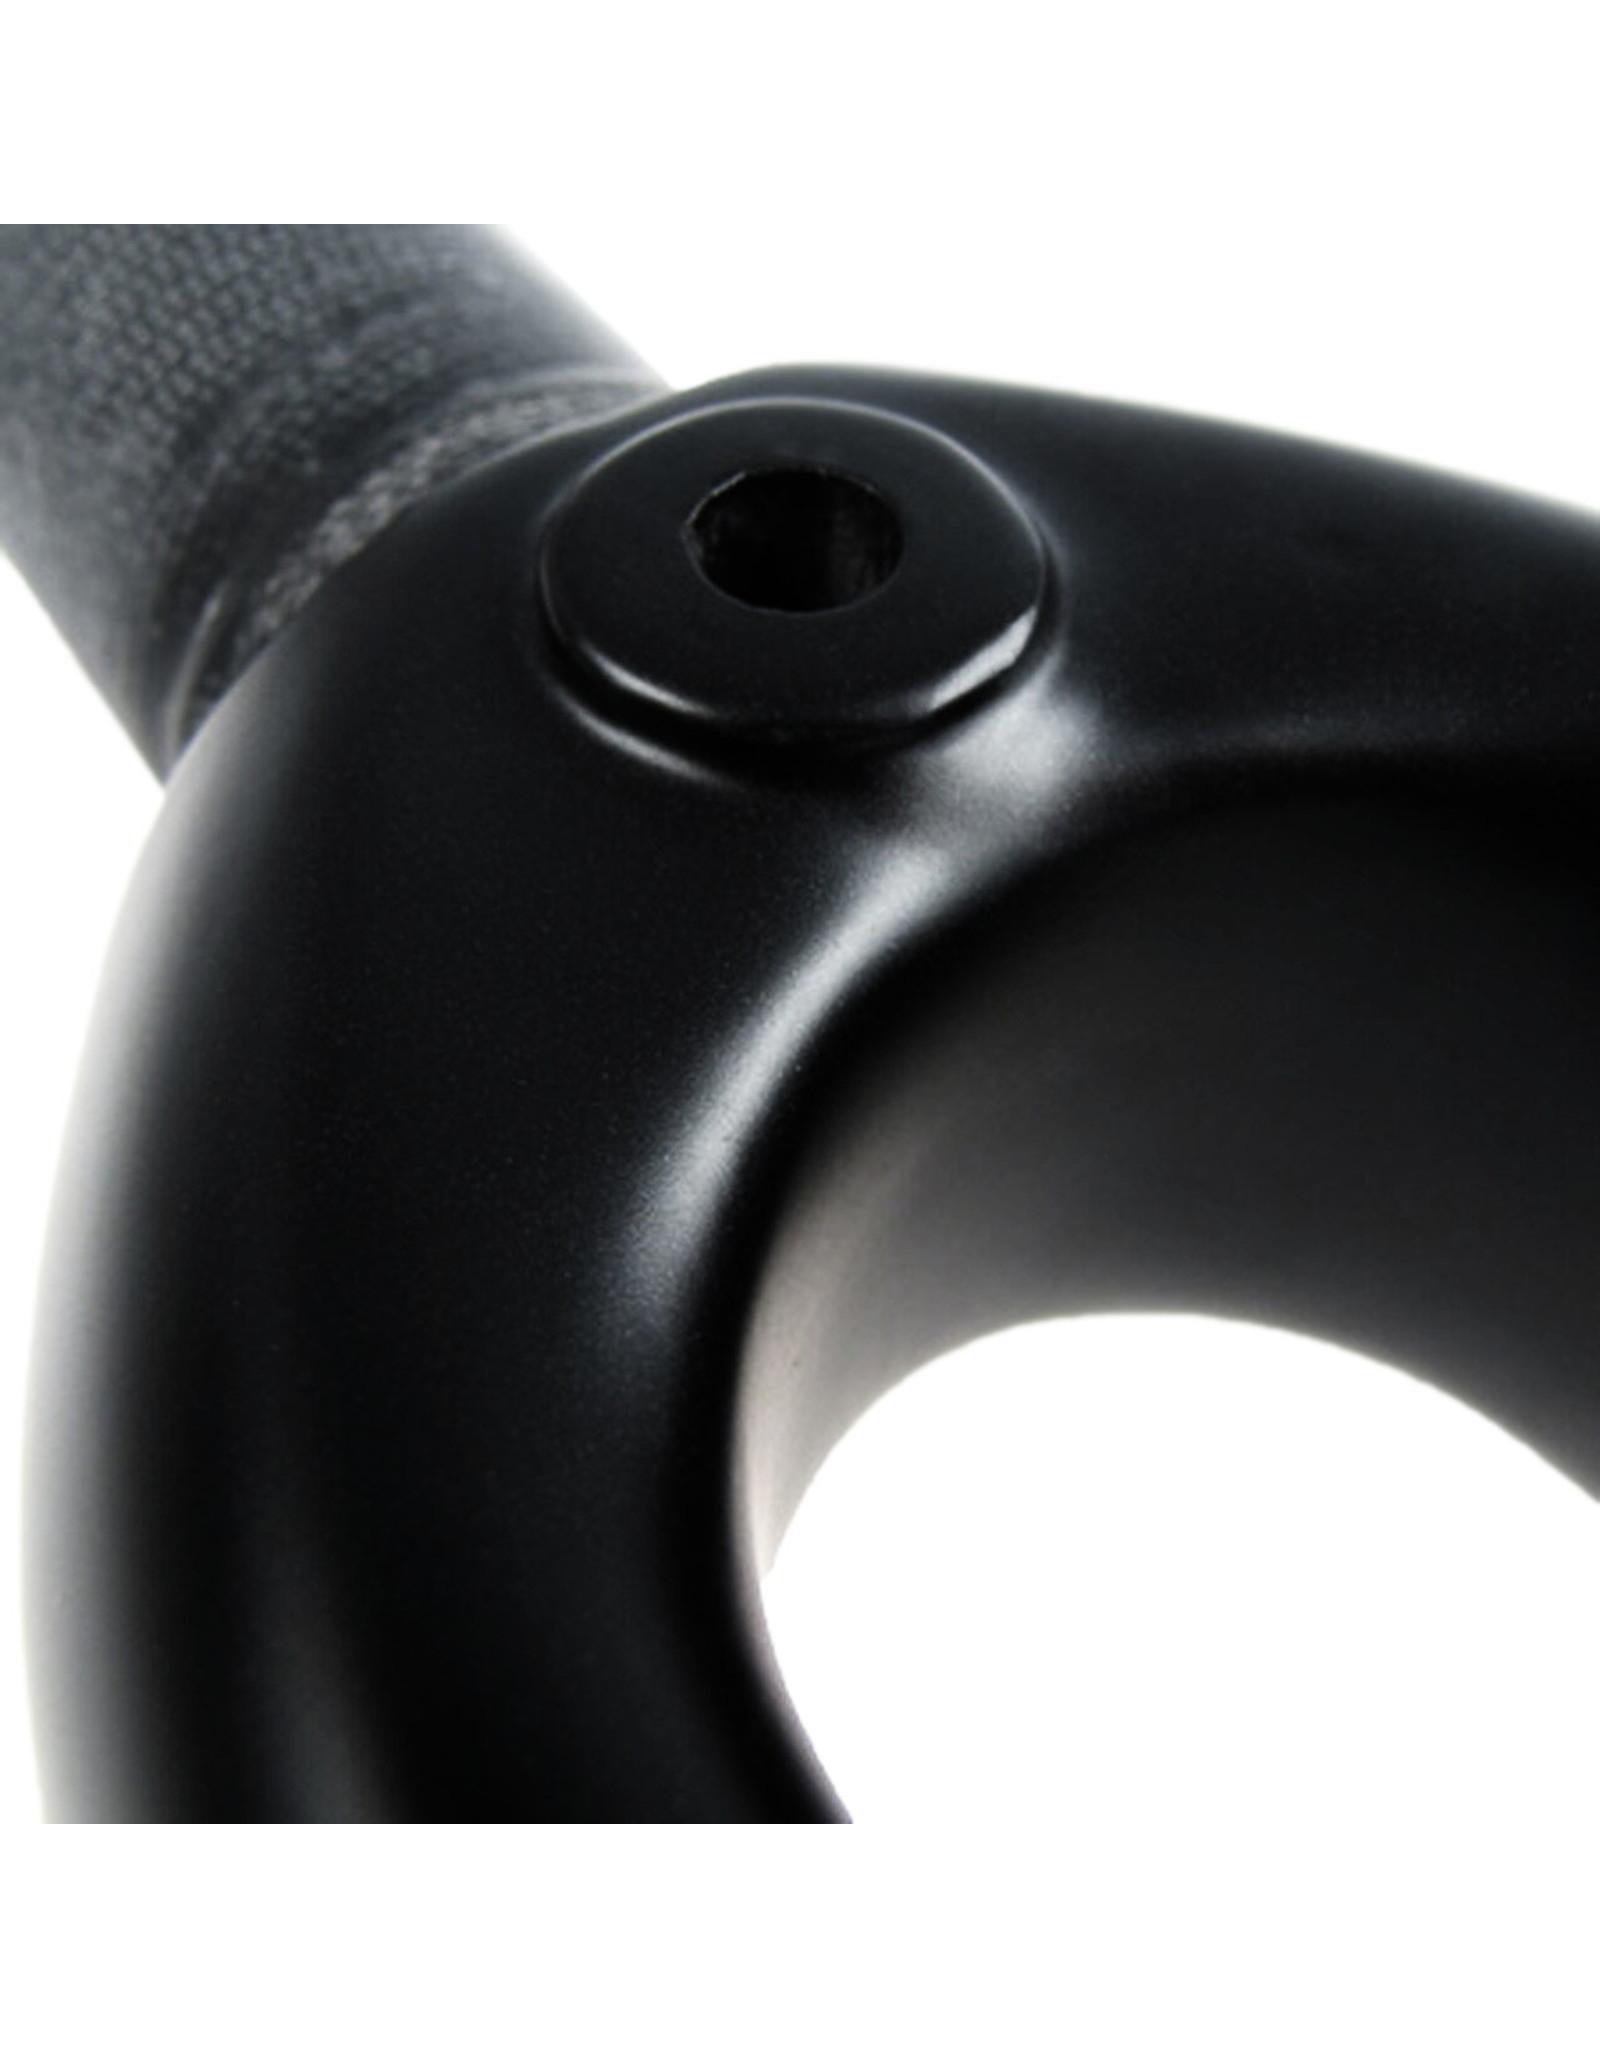 ENVE Composites ENVE Carbon Road Rim Brake Fork